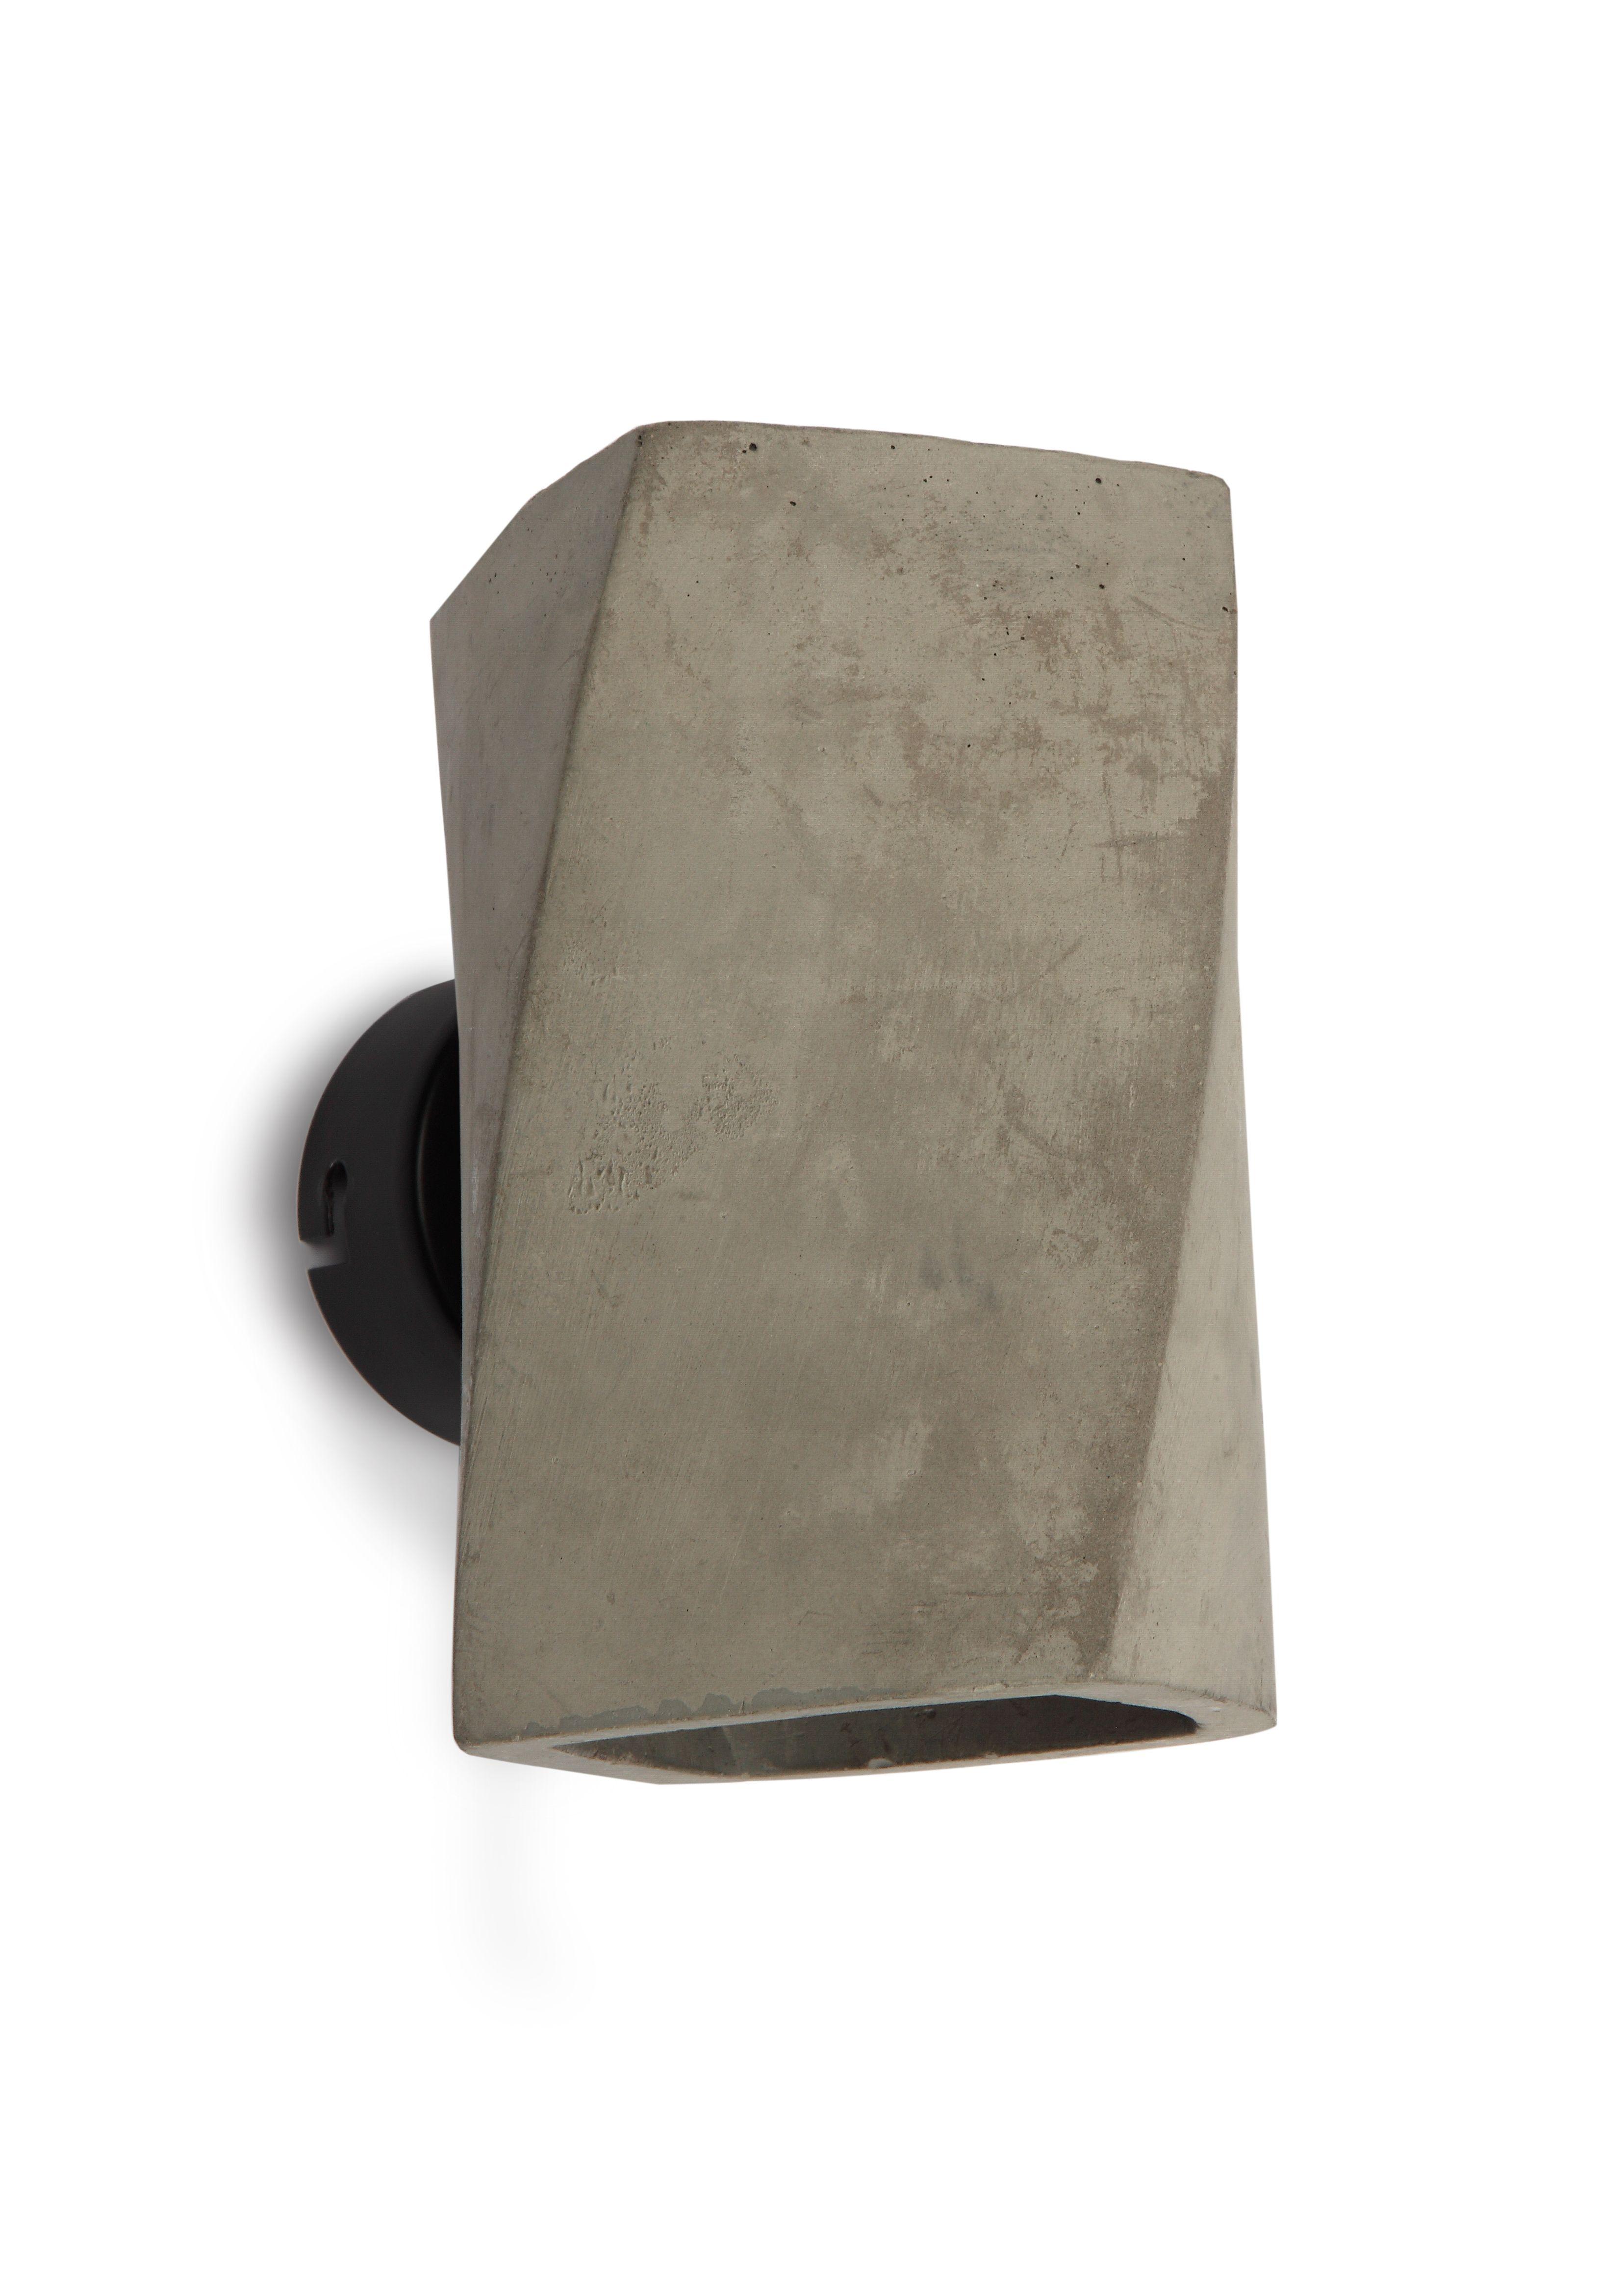 AquaSound Salsa S Badkamer Speaker | Luidsprekers Inbouw vierkant ...